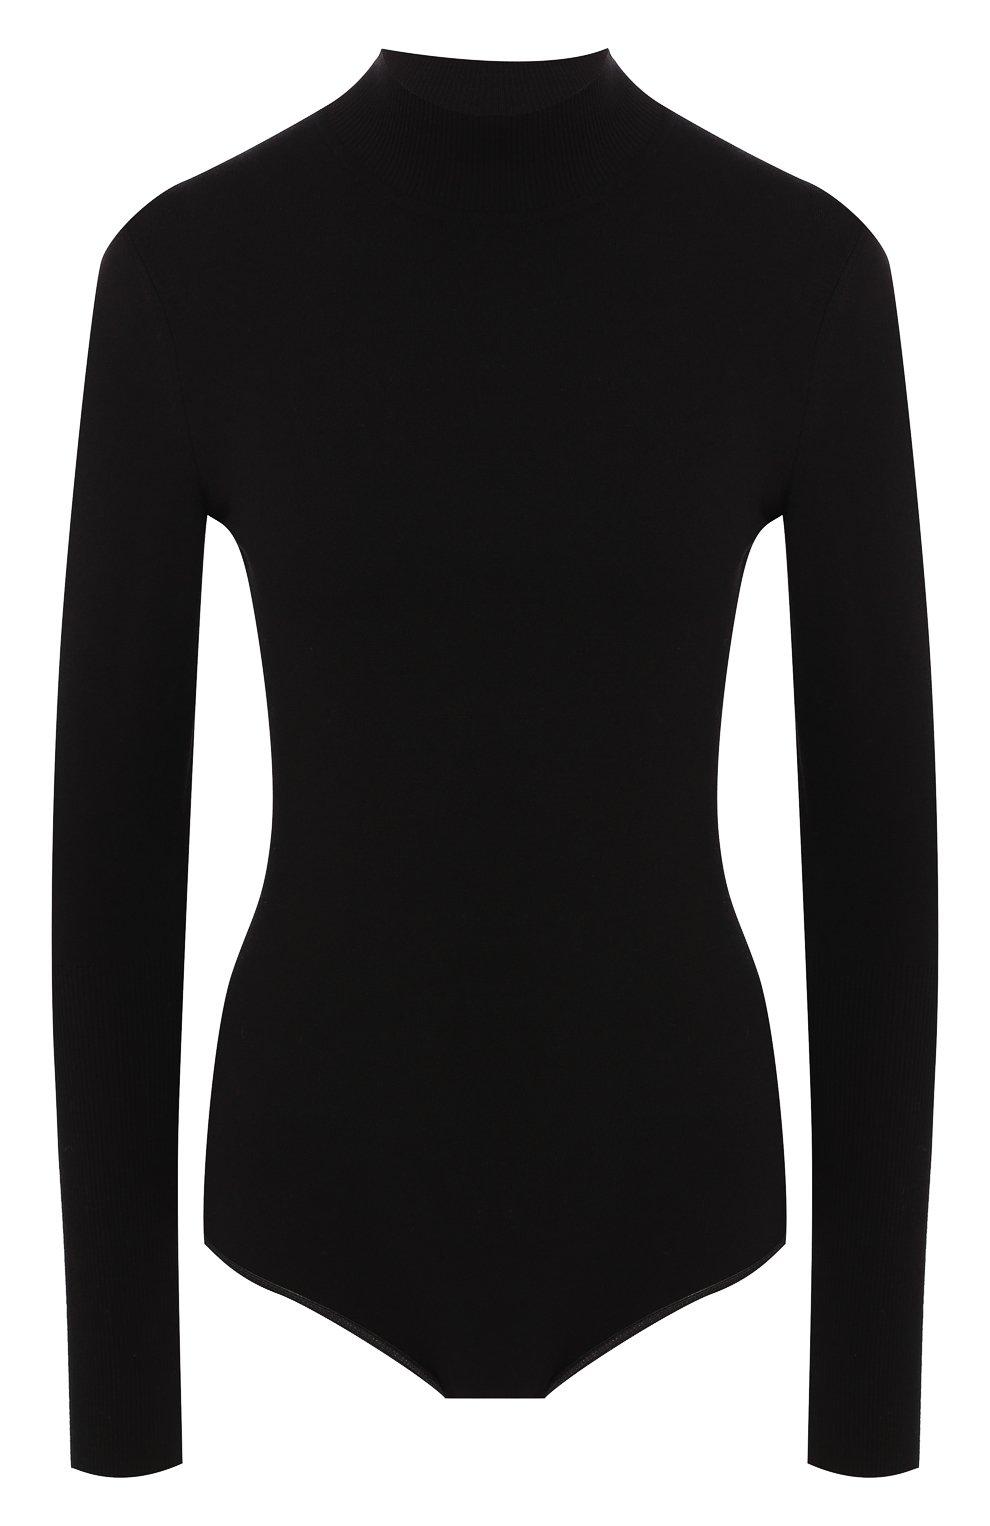 Женское шерстяное боди ALAIA черного цвета, арт. 9W9UA61RM001 | Фото 1 (Материал внешний: Шерсть; Рукава: Длинные; Стили: Классический, Минимализм, Кэжуэл; Кросс-КТ: с рукавом; Статус проверки: Проверена категория)